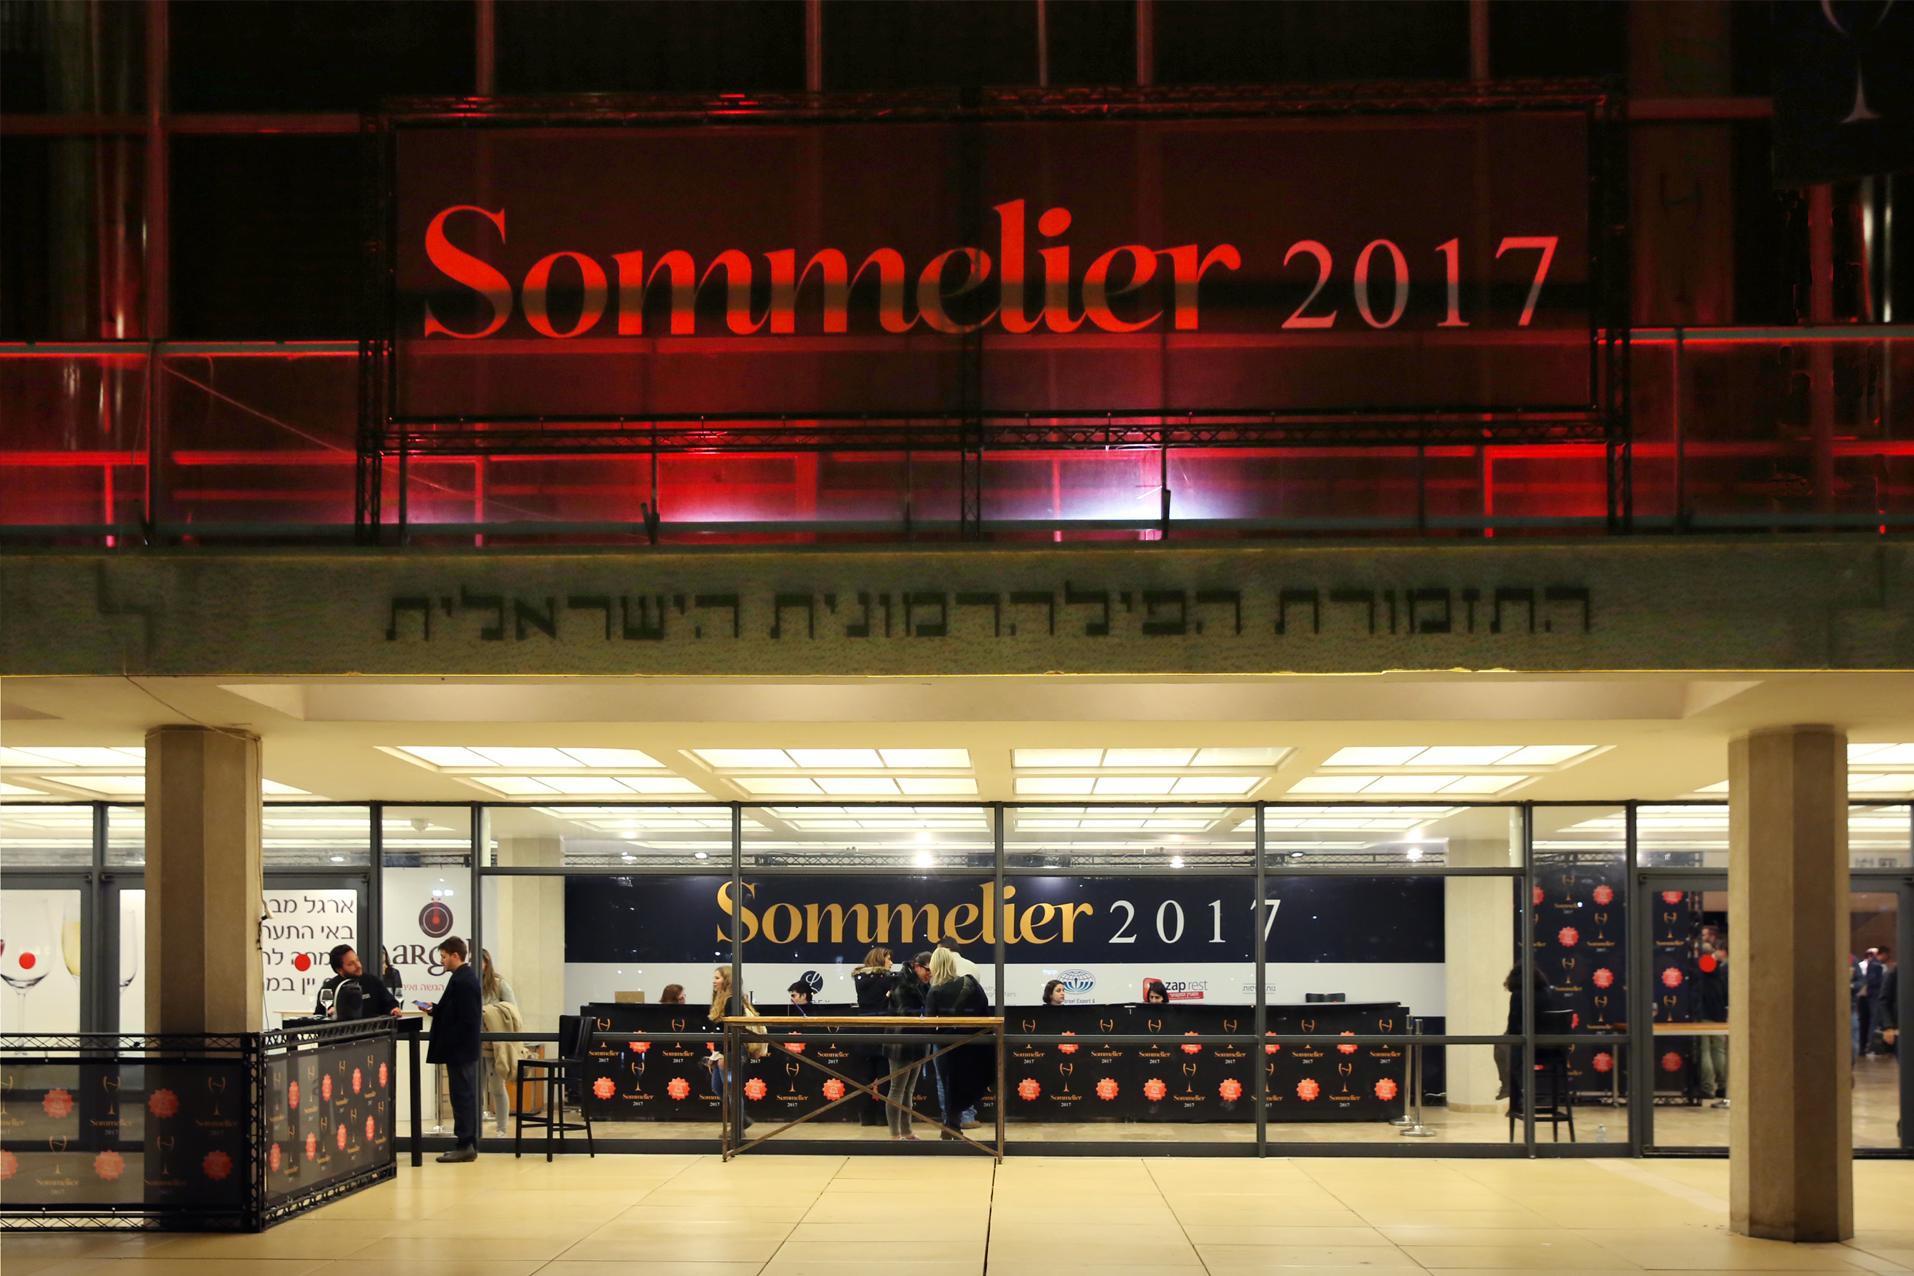 סומלייה 2017 תערוכת היין בתל אביב